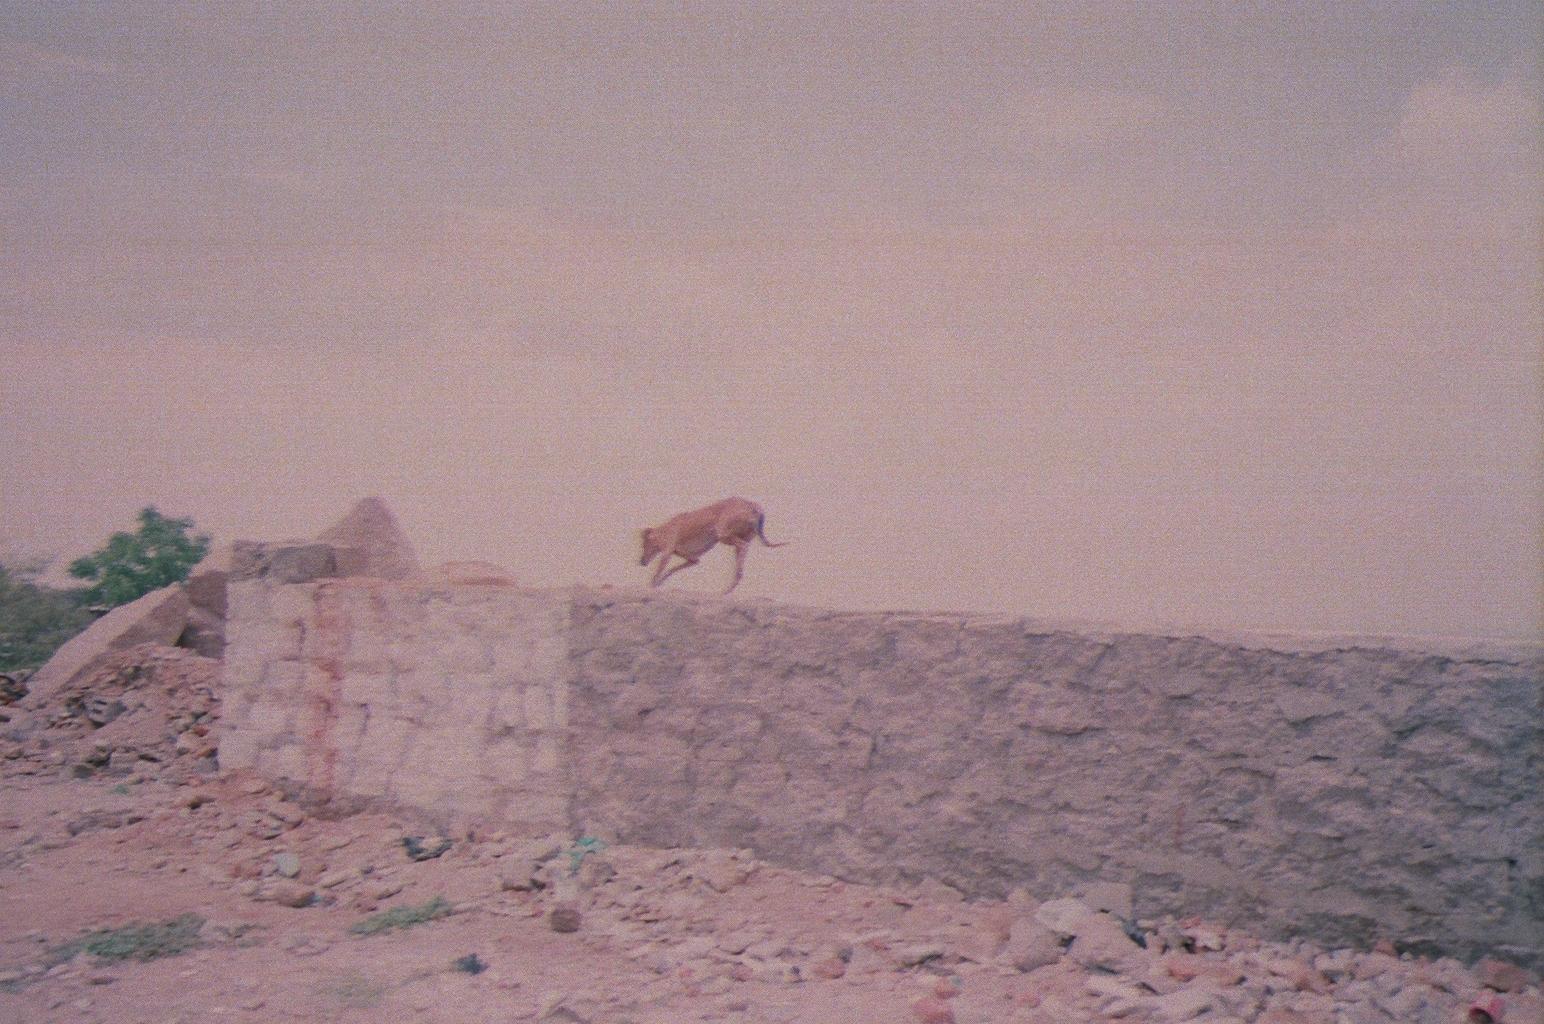 Scared Dog / Hyderabad, India